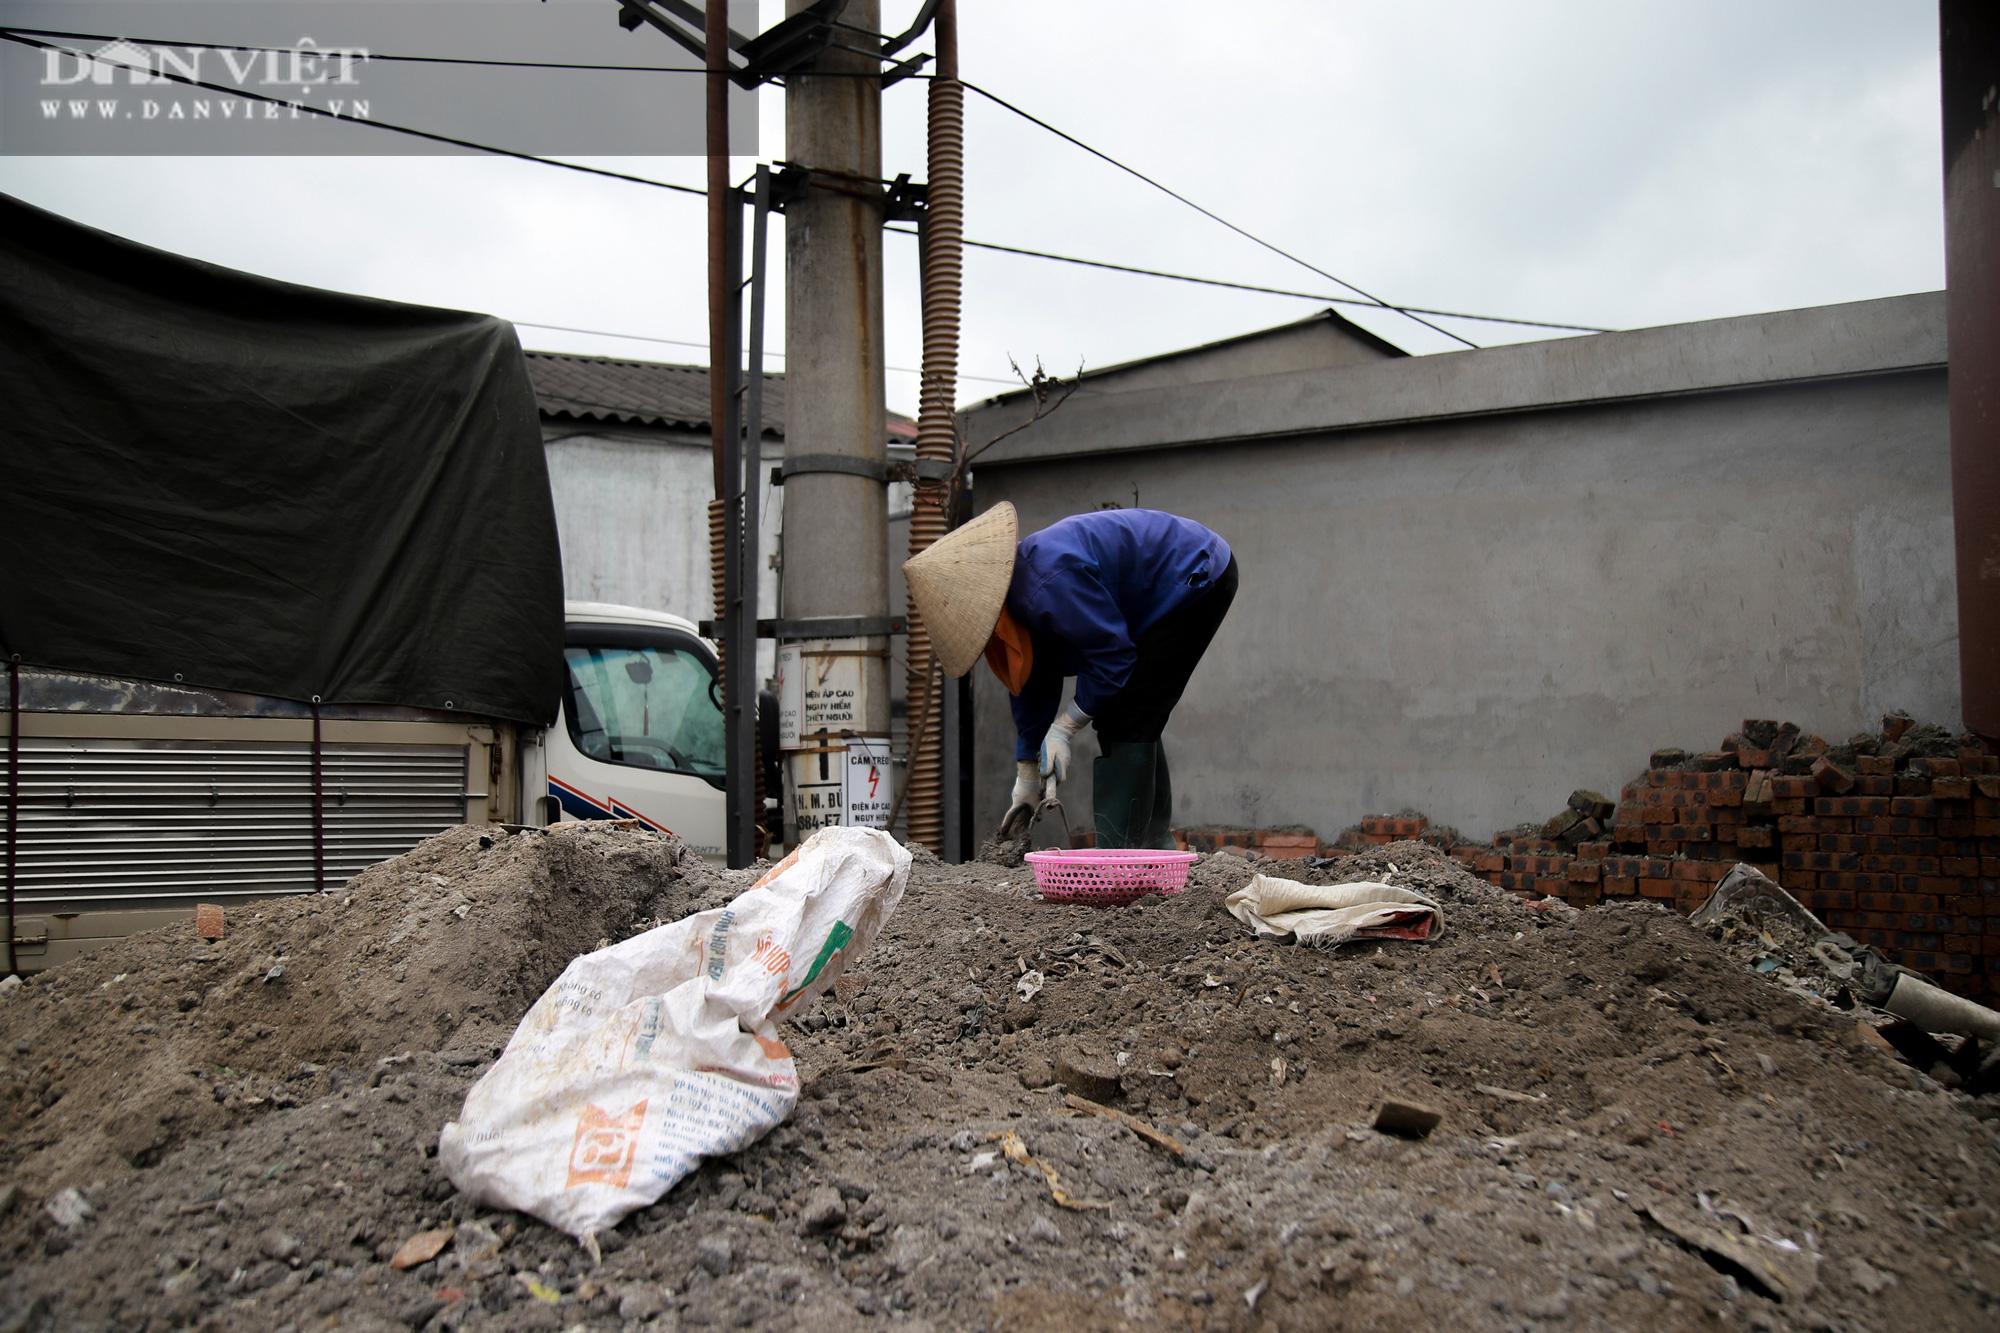 Ám ảnh khủng khiếp ở làng giấy Phú Lâm: Ô nhiễm đến con ruồi cũng không sống nổi, công nhân bán mòn sức - Ảnh 22.